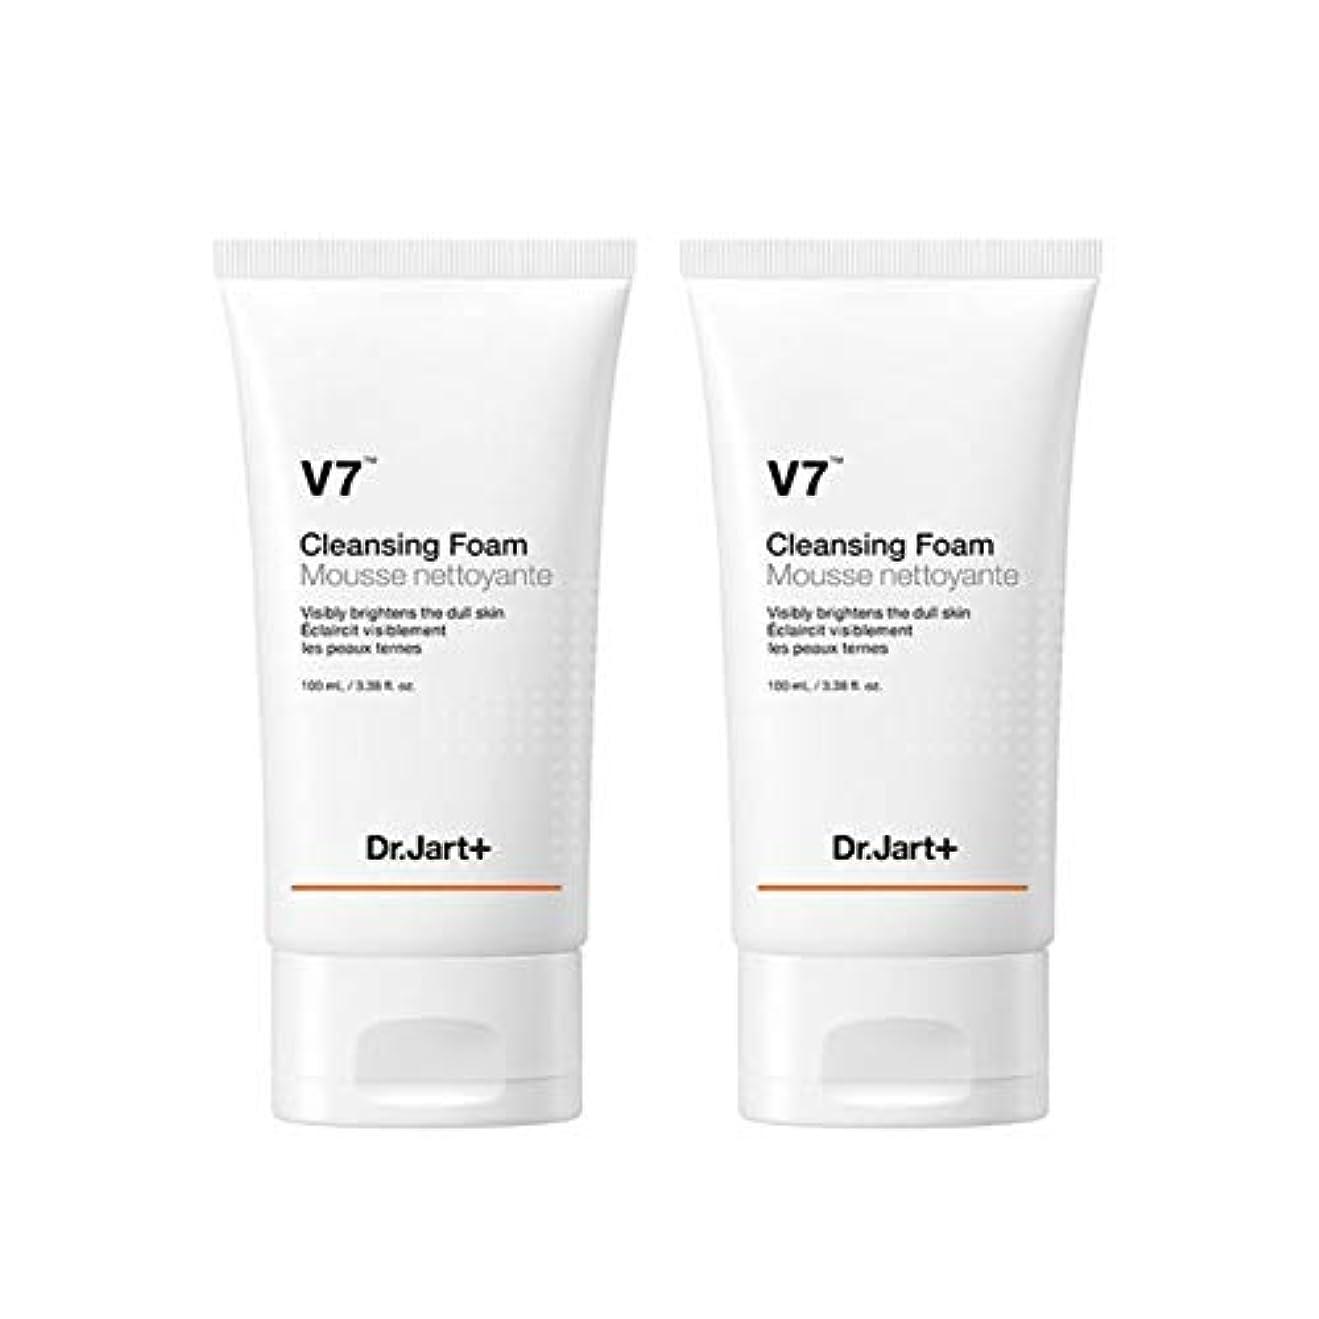 わかるアナログ傾くドクタージャルトゥV7クレンジングフォーム100mlx2本セット韓国コスメ、Dr.Jart V7 Cleansing Foam 100ml x 2ea Set Korean Cosmetics [並行輸入品]